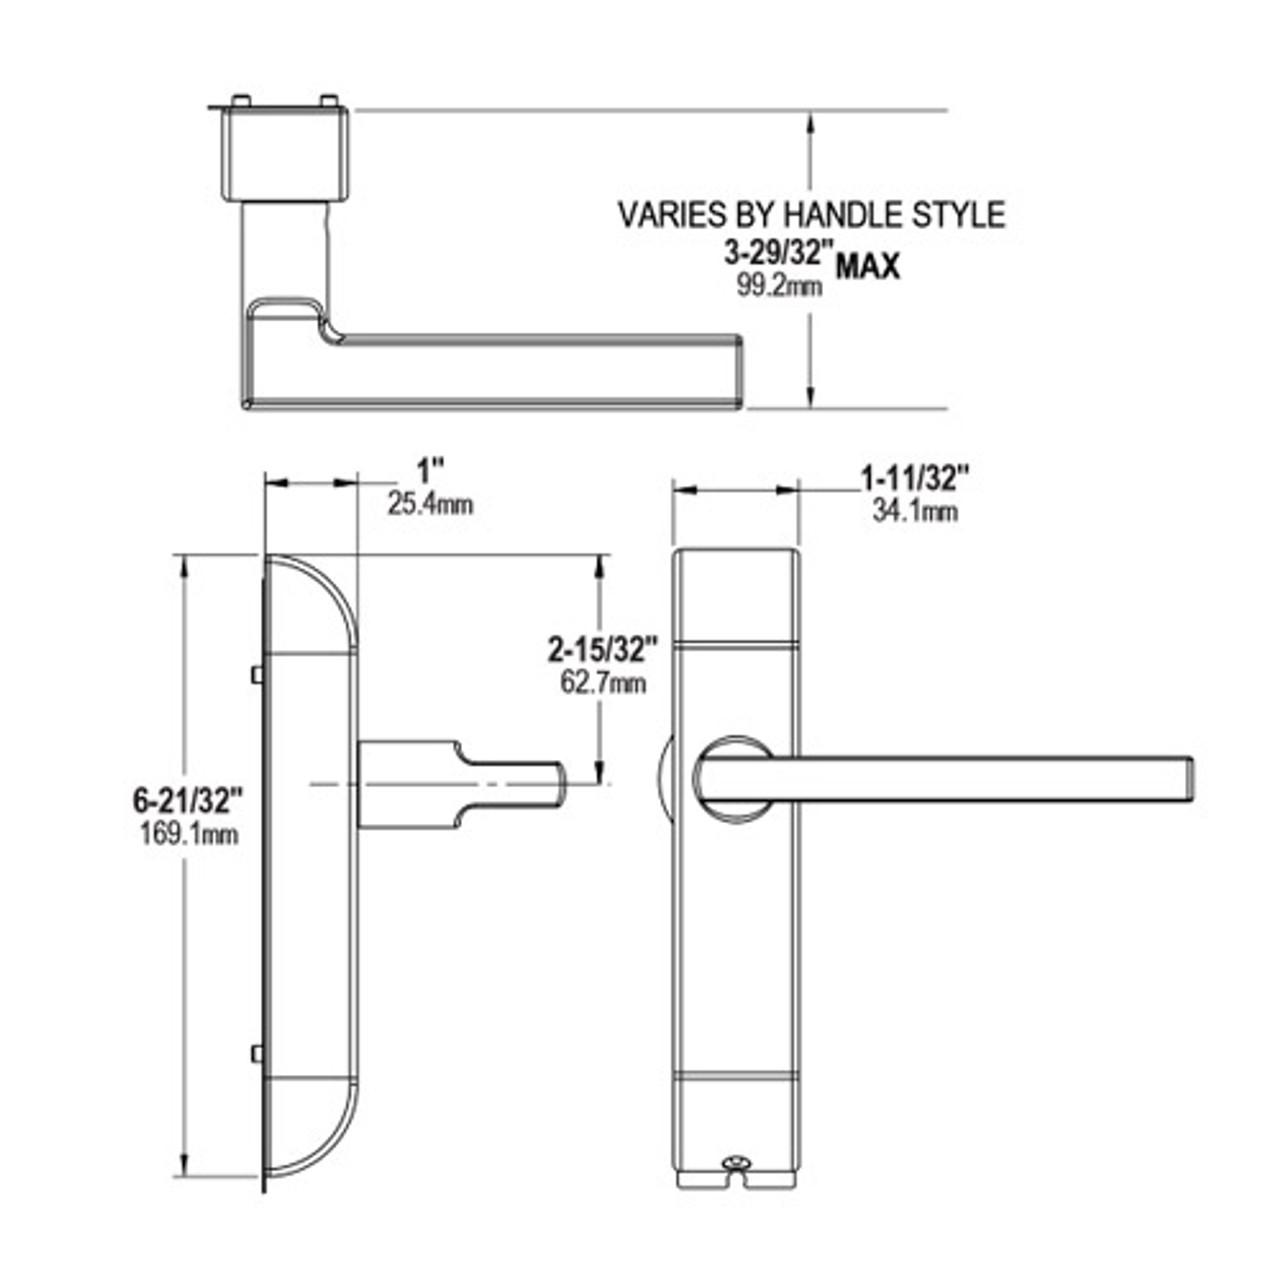 4600M-MJ-621-US32D Adams Rite MJ Designer handle Dimensional View